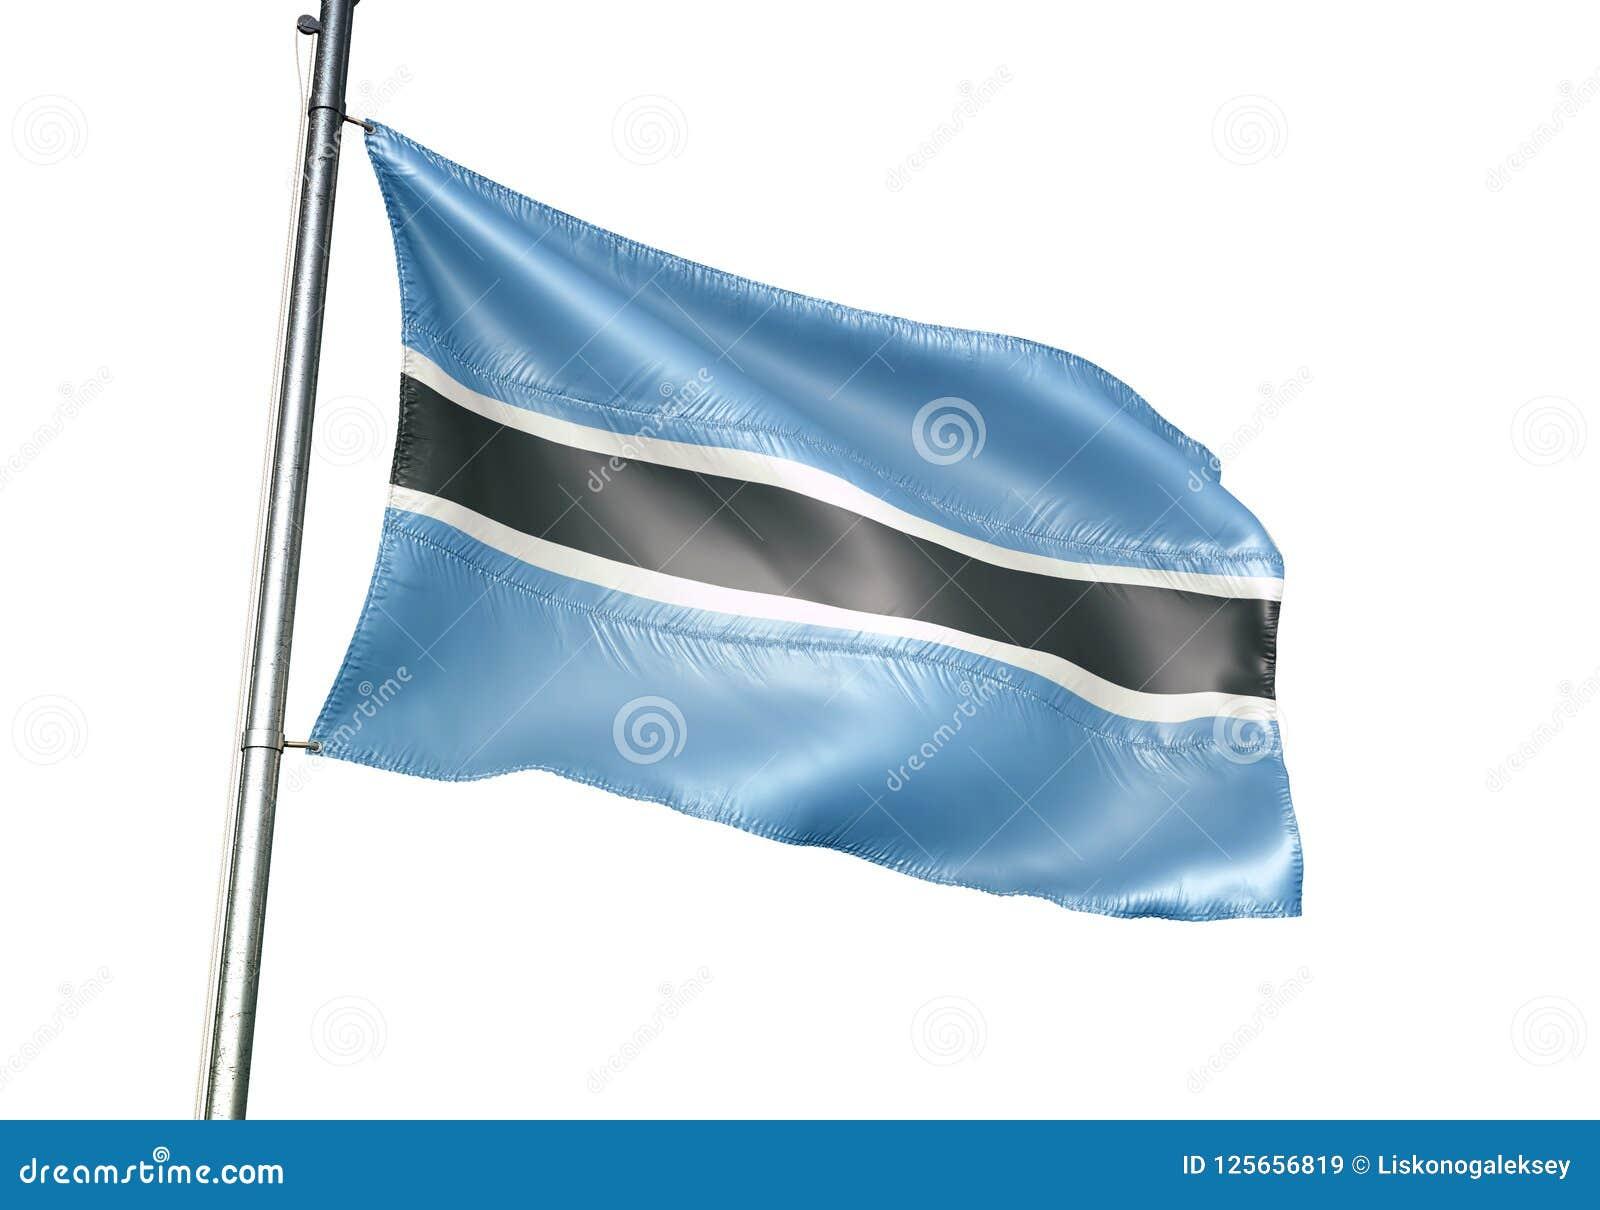 Ondulação da bandeira nacional de Botswana isolada na ilustração 3d realística do fundo branco